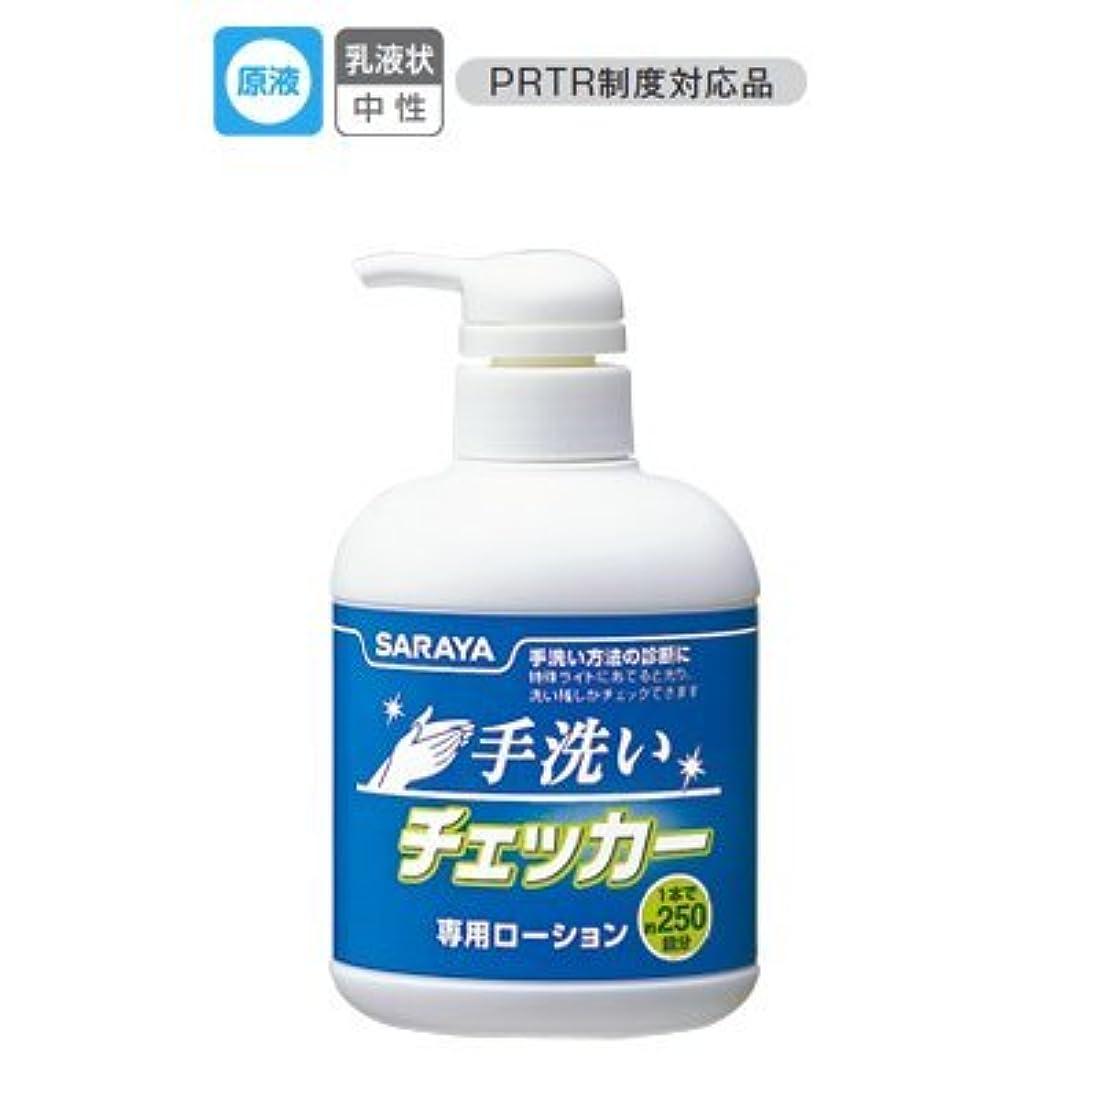 浸した上院有限サラヤ 手洗いチェッカー 専用ローション 250mL【清潔キレイ館】